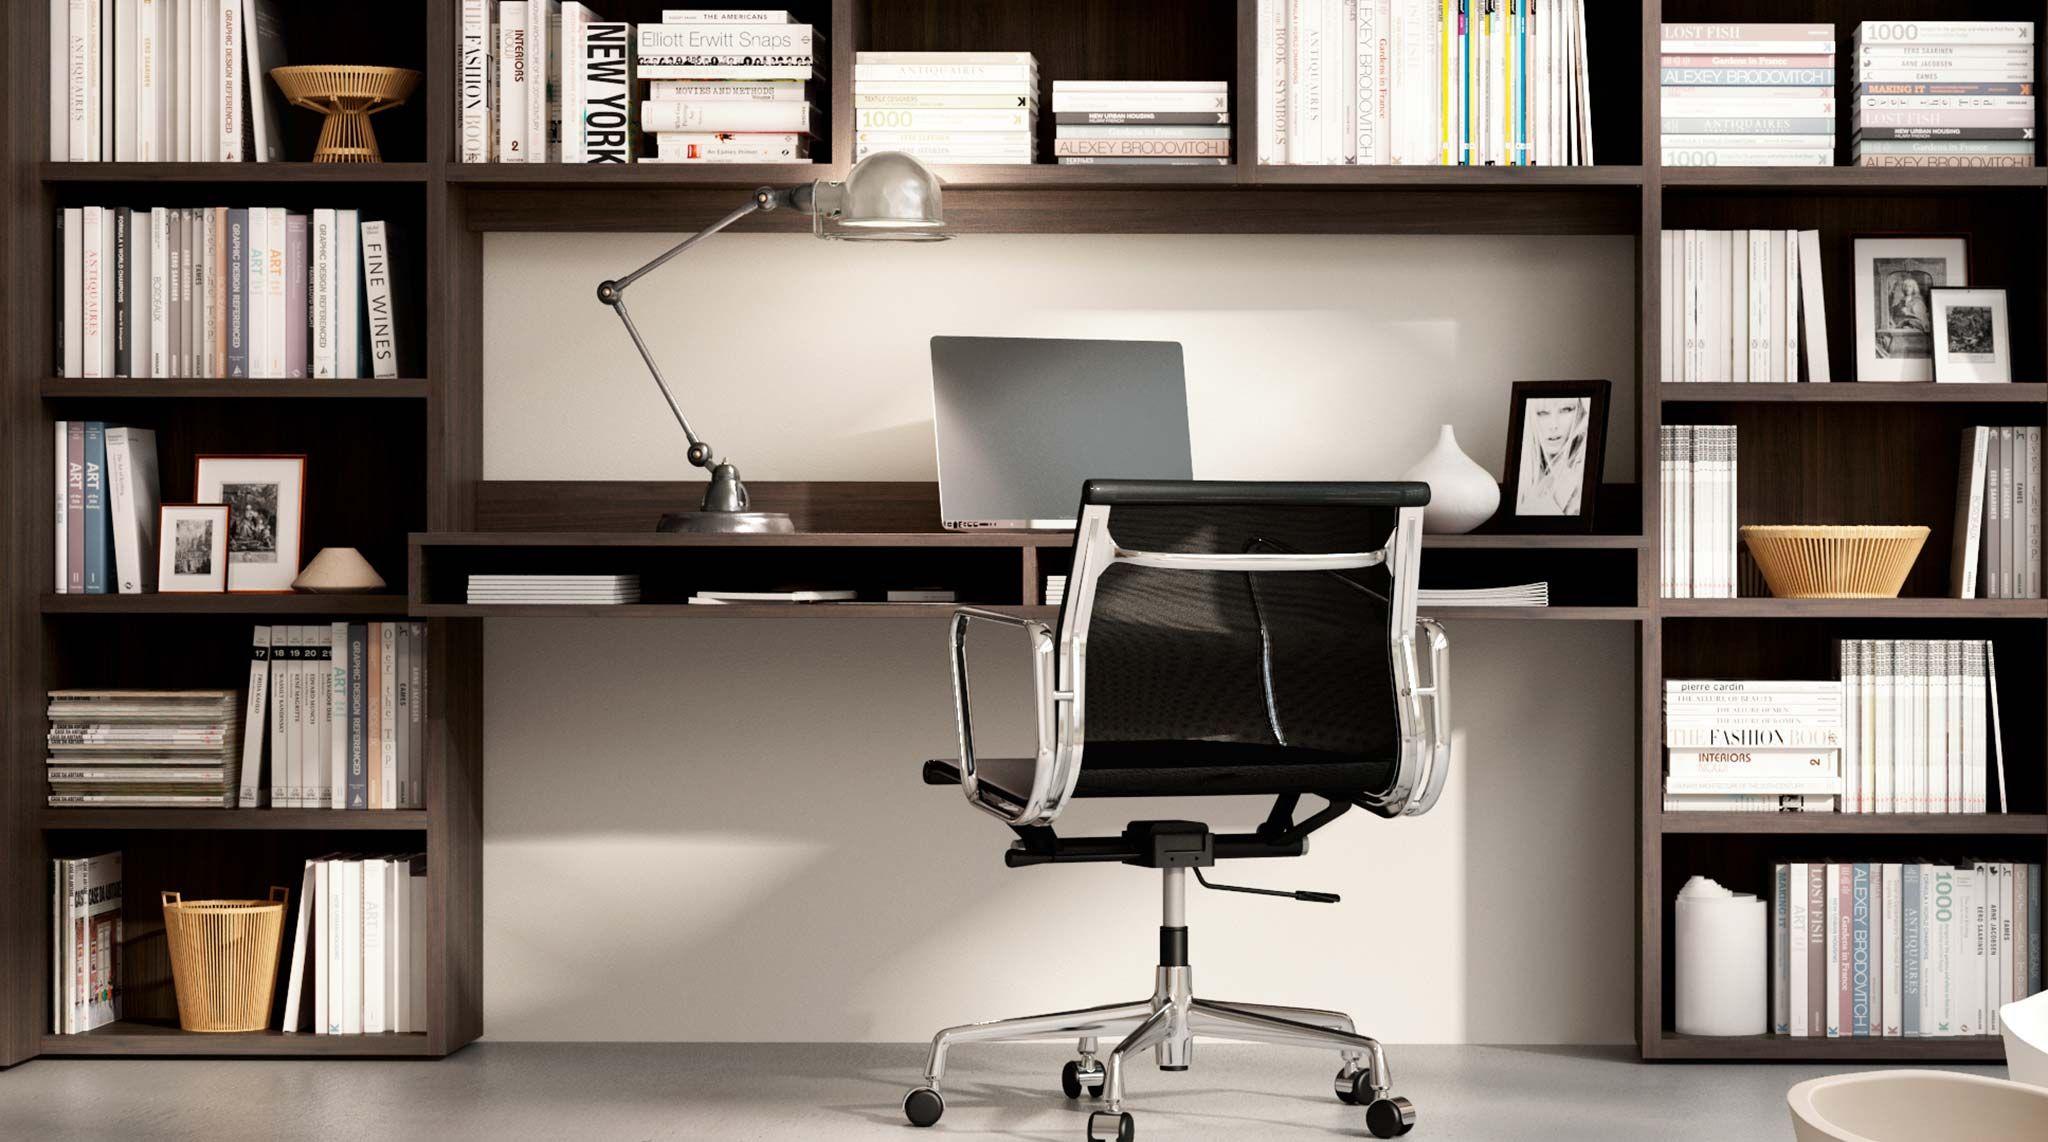 Libreria componibile a parete Systema-P | Office - Wood & darks